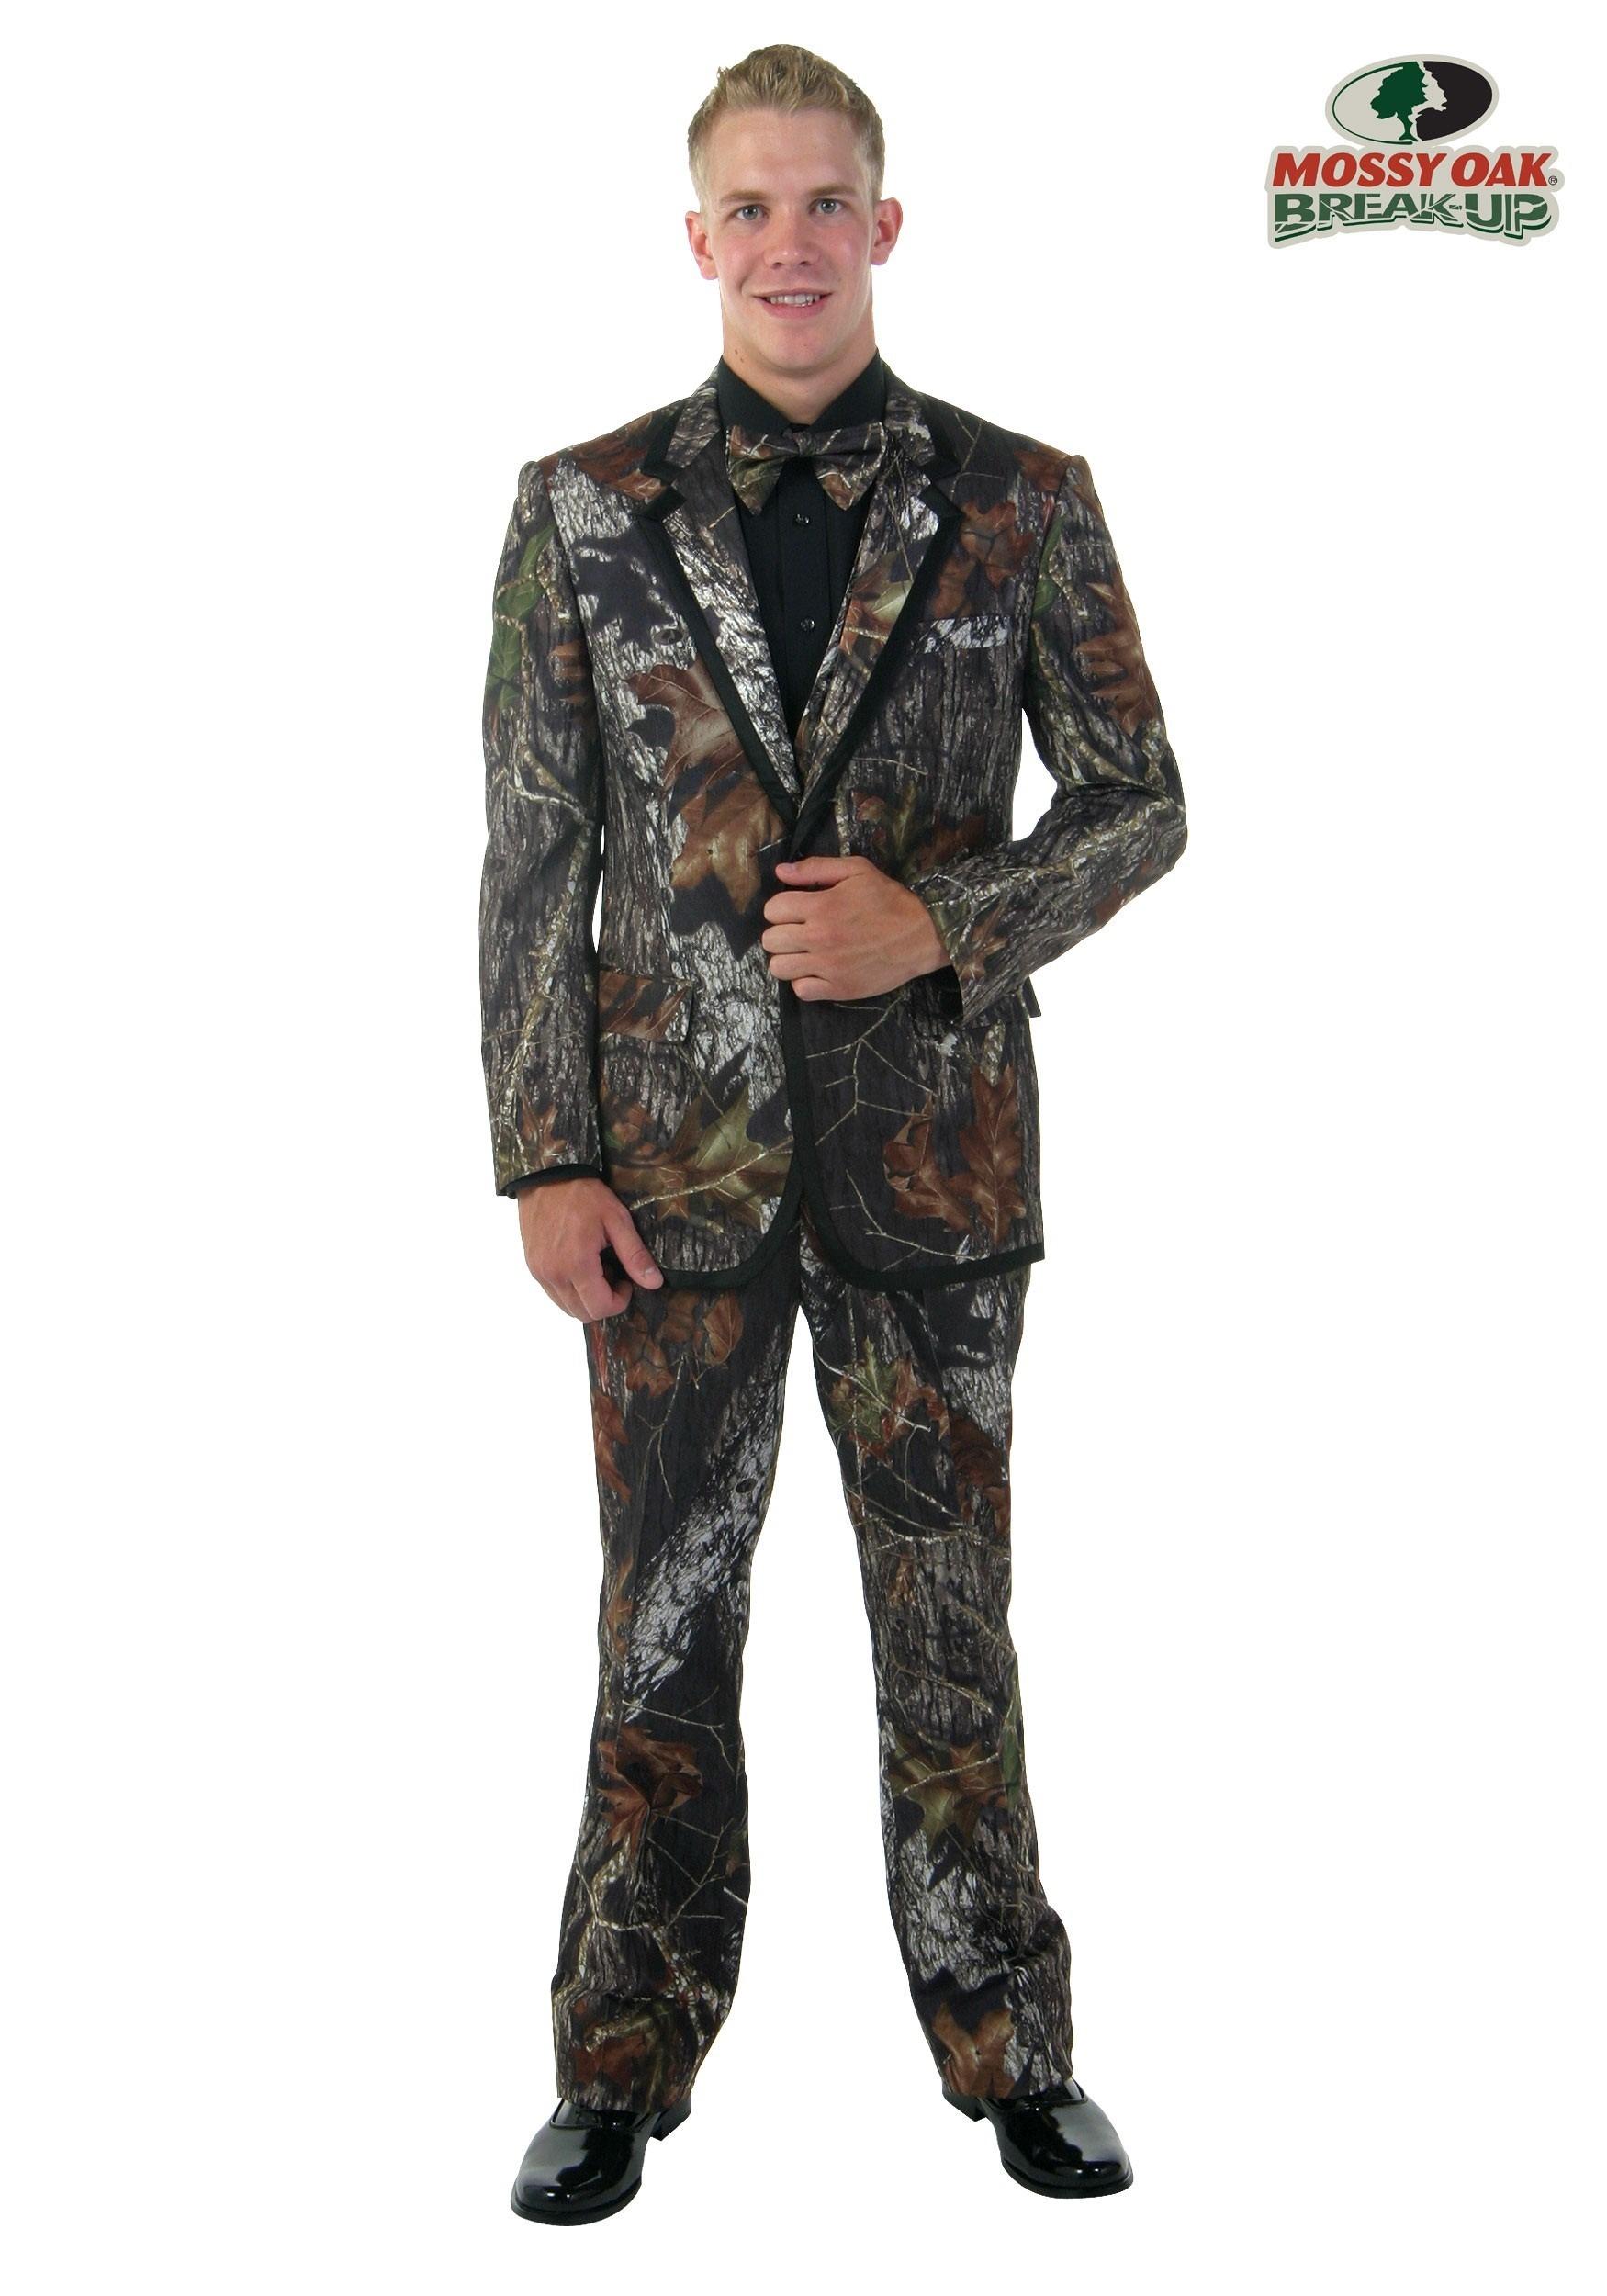 camouflage wedding dresses and tuxedos camouflage wedding dresses Camouflage Wedding Dresses And Tuxedos 89